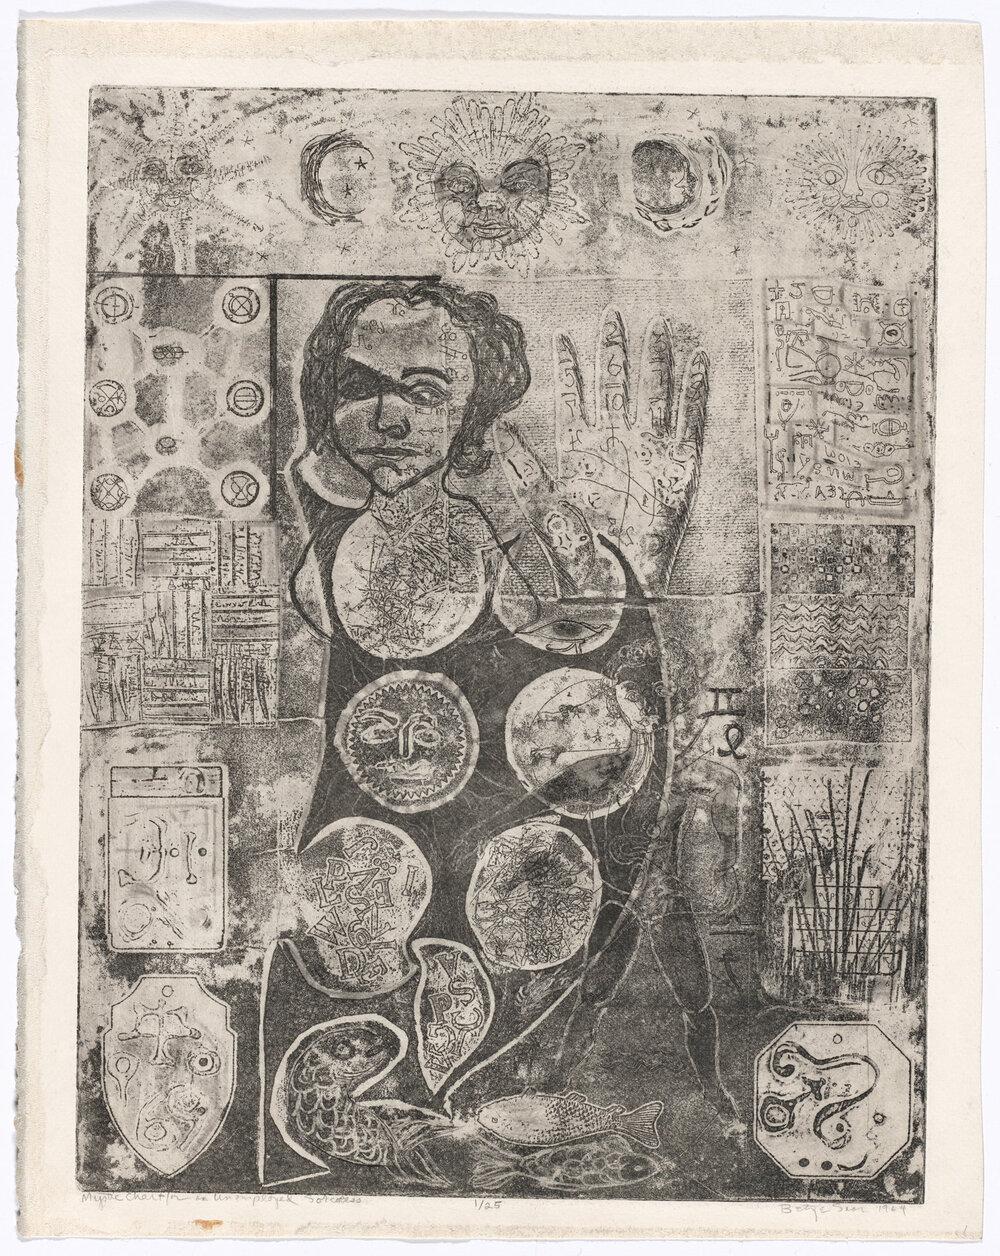 «Містична карта для безробітньої чарівниці», Бетти Саар, 1964